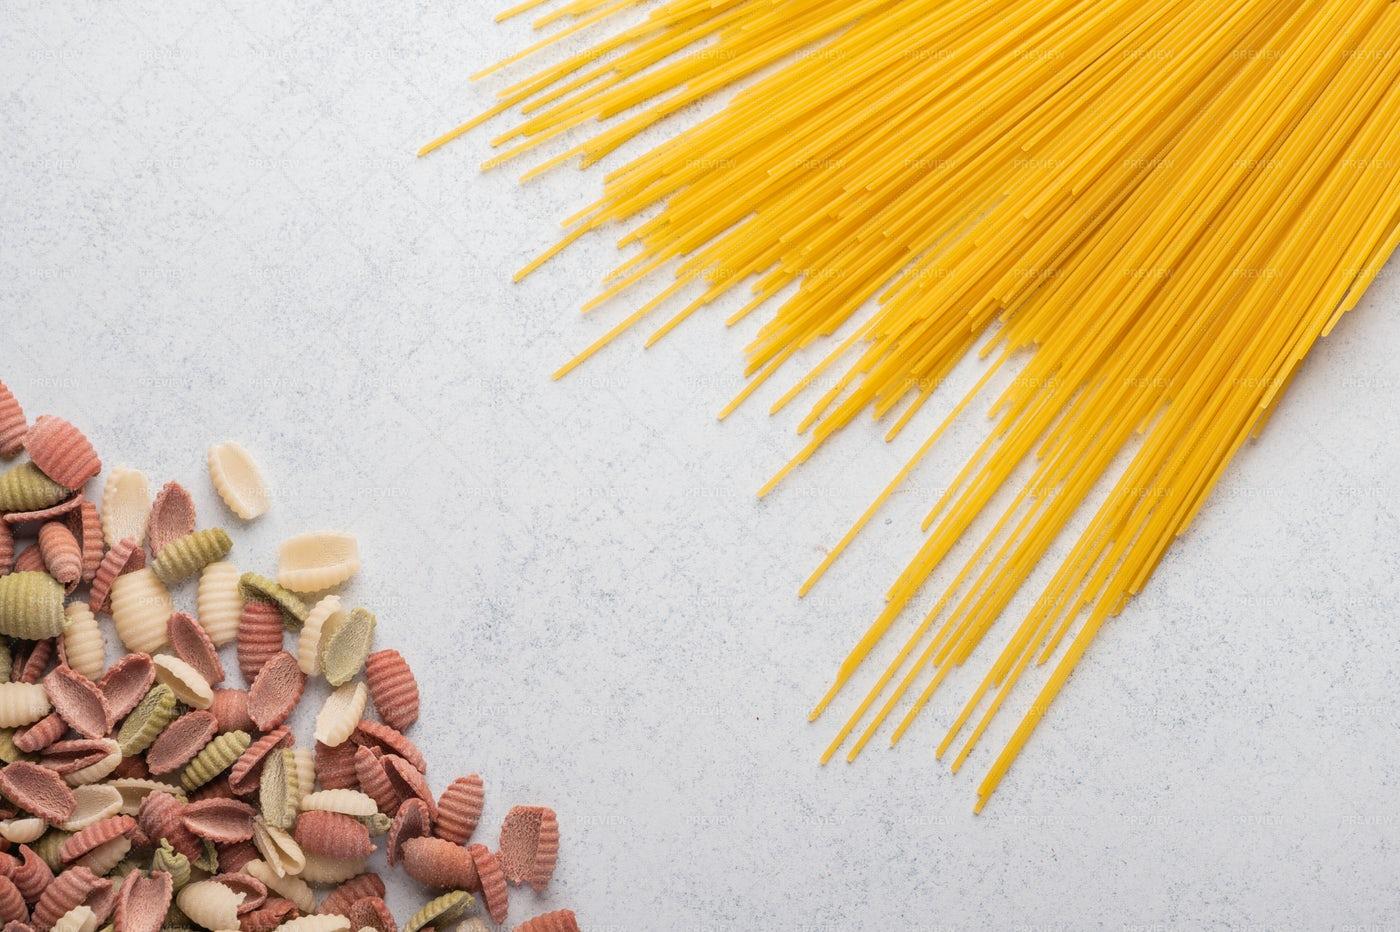 Macaroni Spaghetti Background: Stock Photos